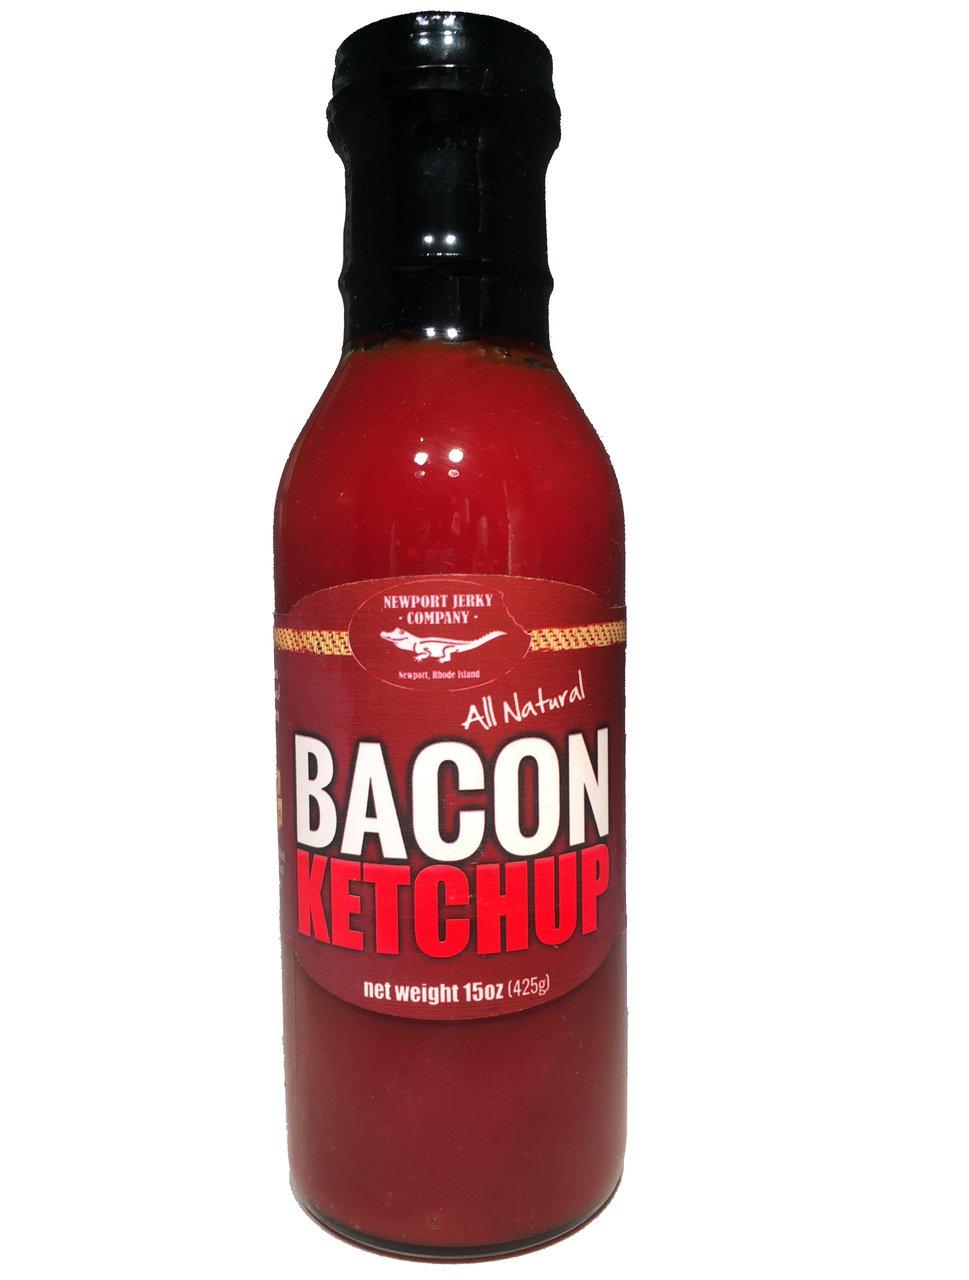 All Natural Bacon Ketchup